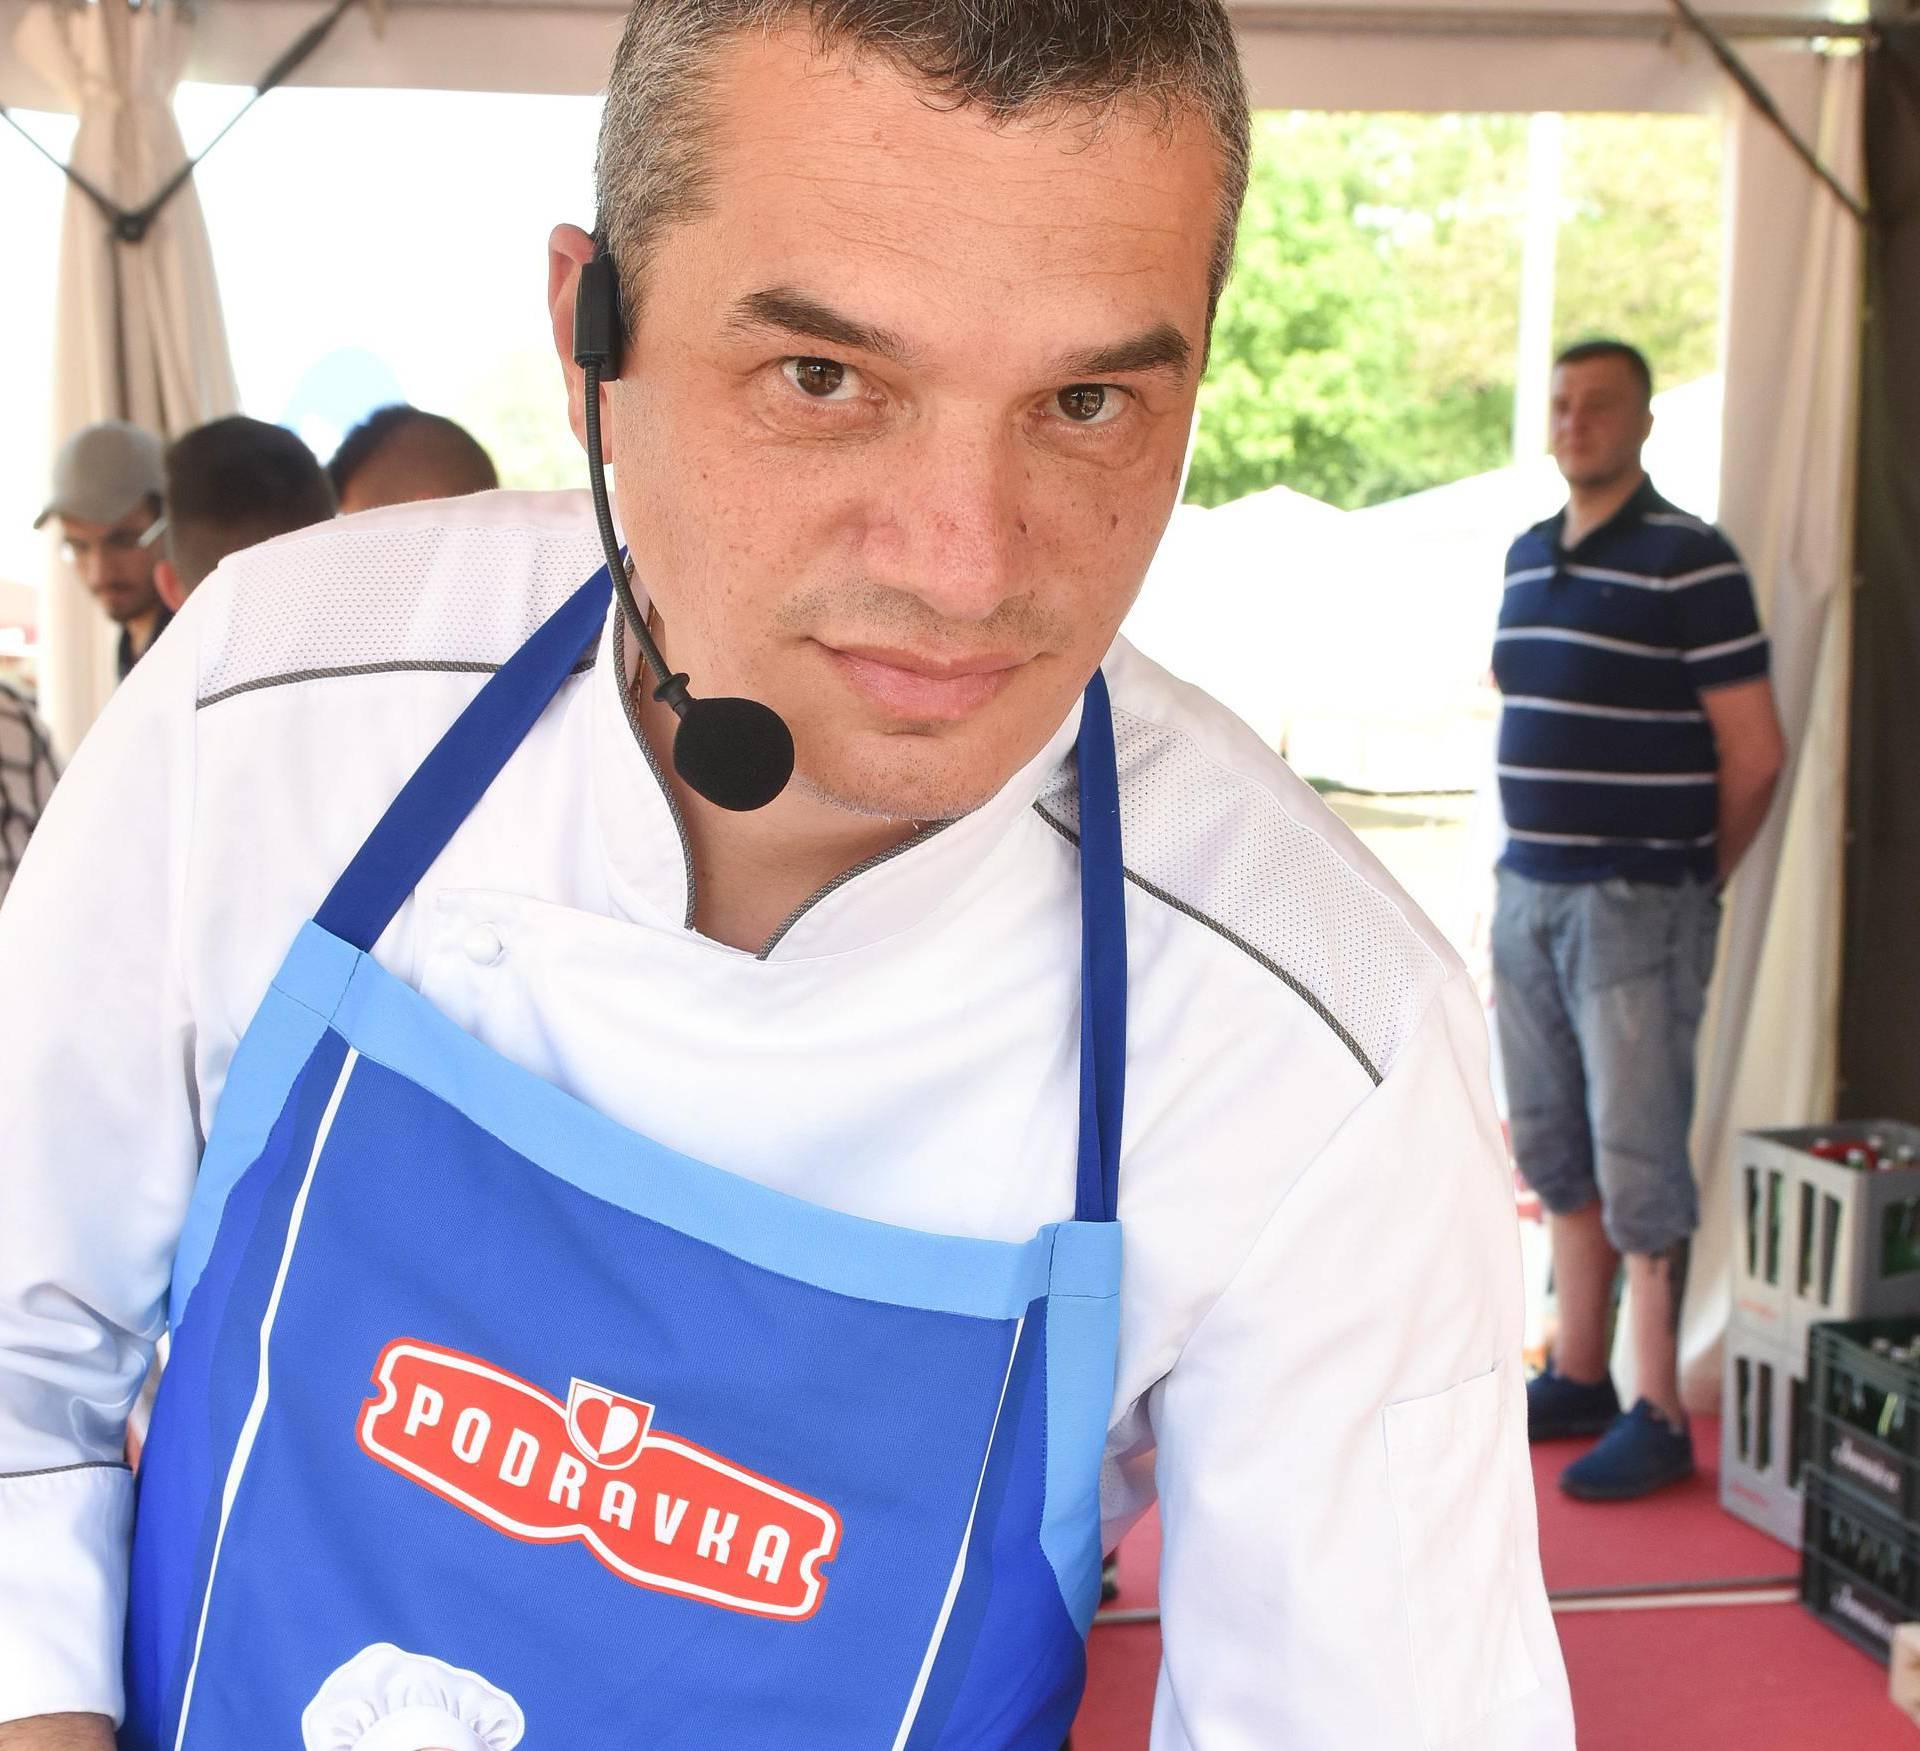 Podravkin chef otkriva najveće nedoumice u kuhanju kod kuće